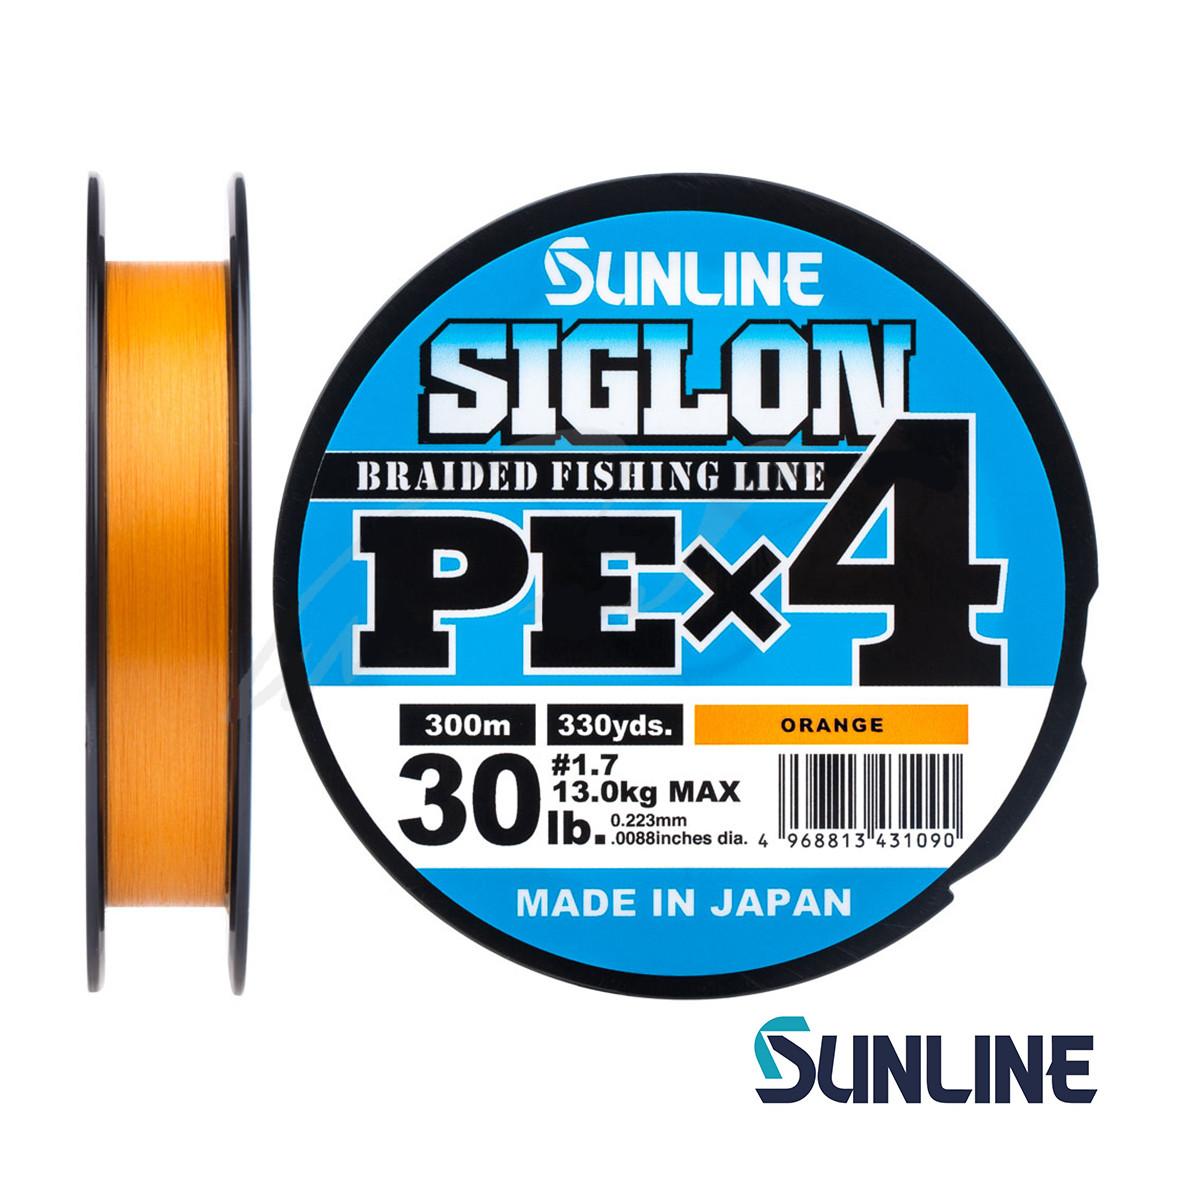 Шнур Sunline Siglon PE х4 300m (оранж.) #3.0/0.296mm 50lb/22.0kg